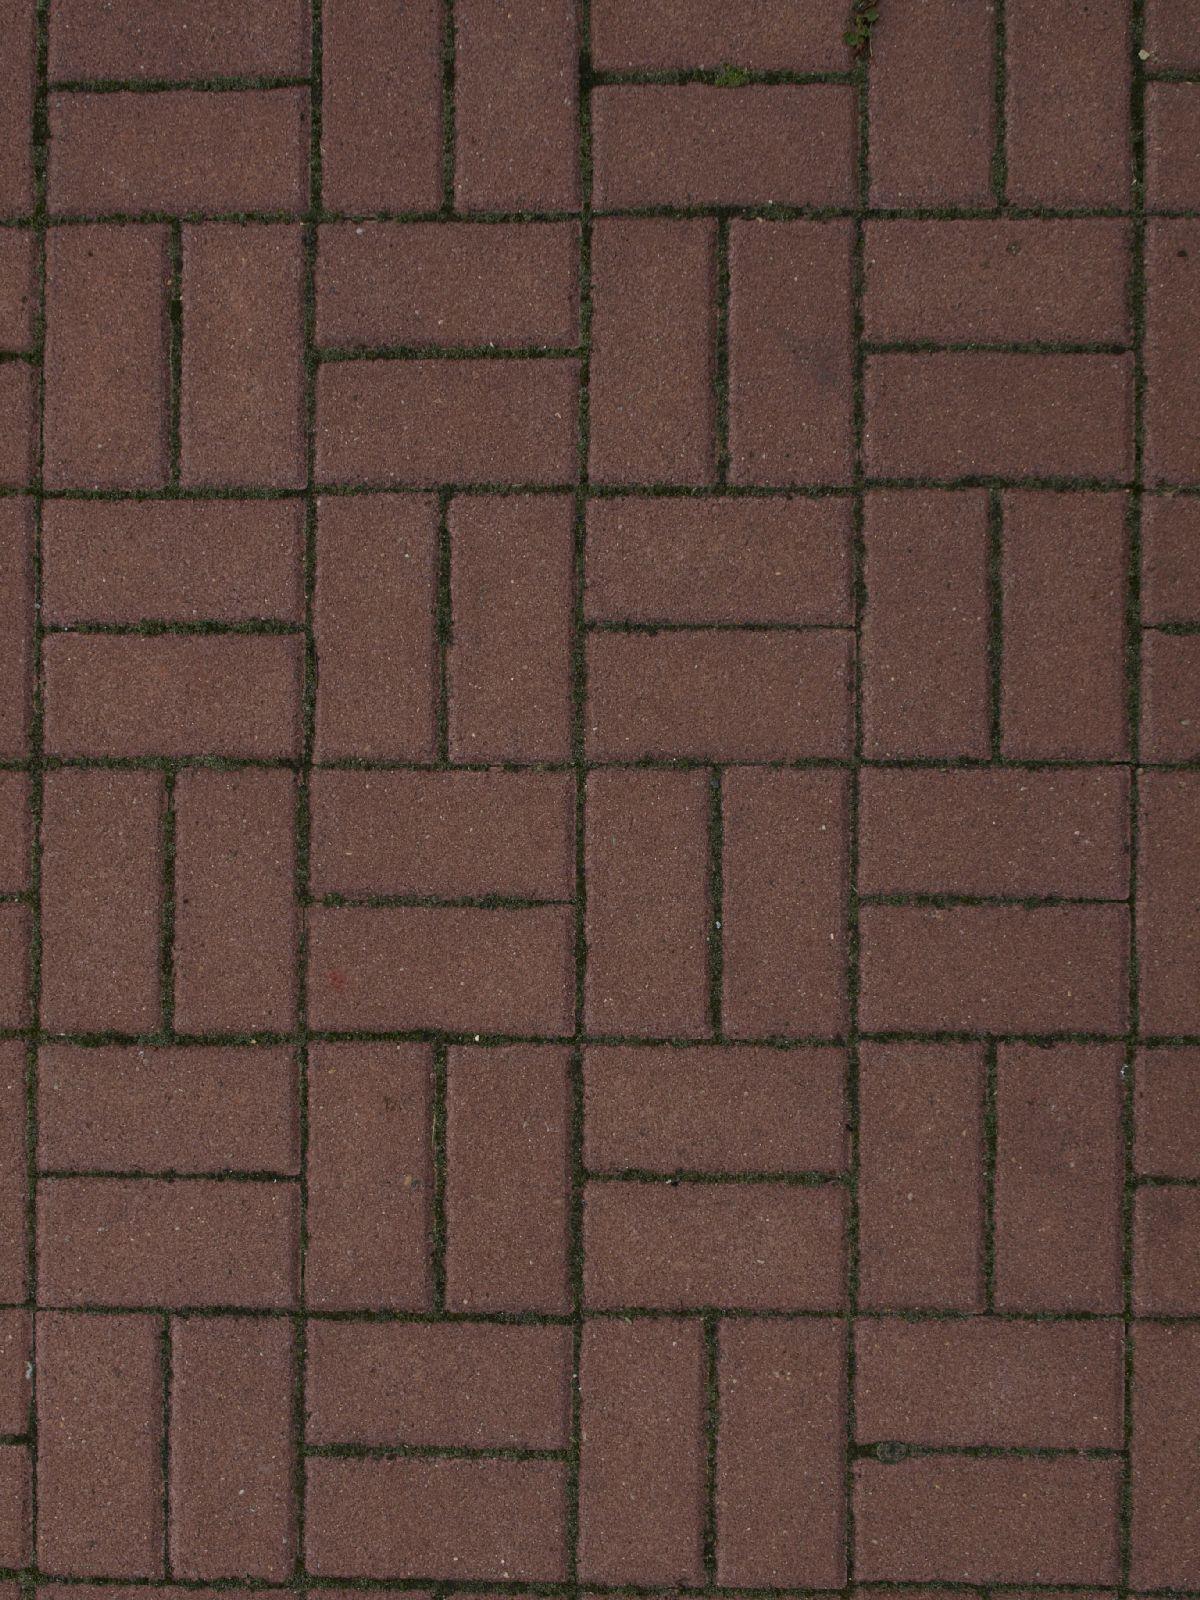 Ground-Urban_Texture_A_P9014761